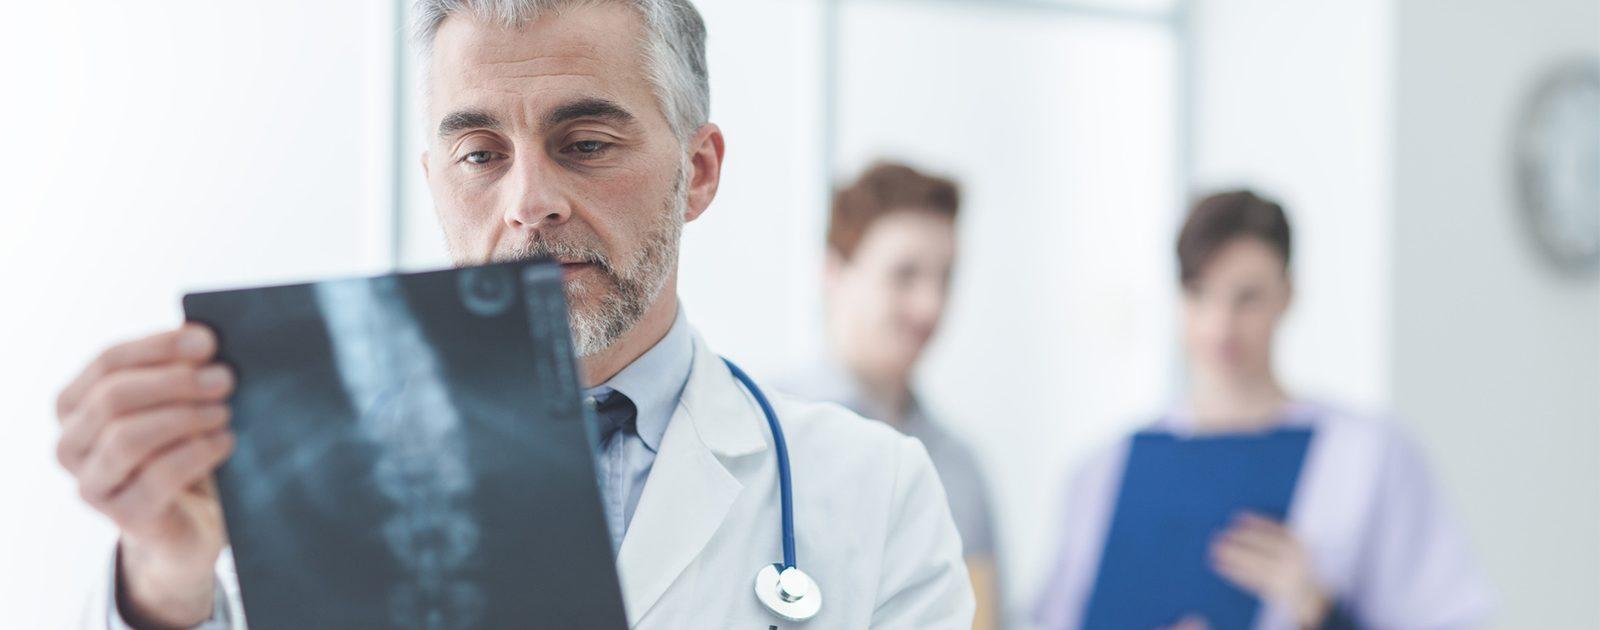 Röntgenaufnahme zur Diagnose eines Hexenschusses.